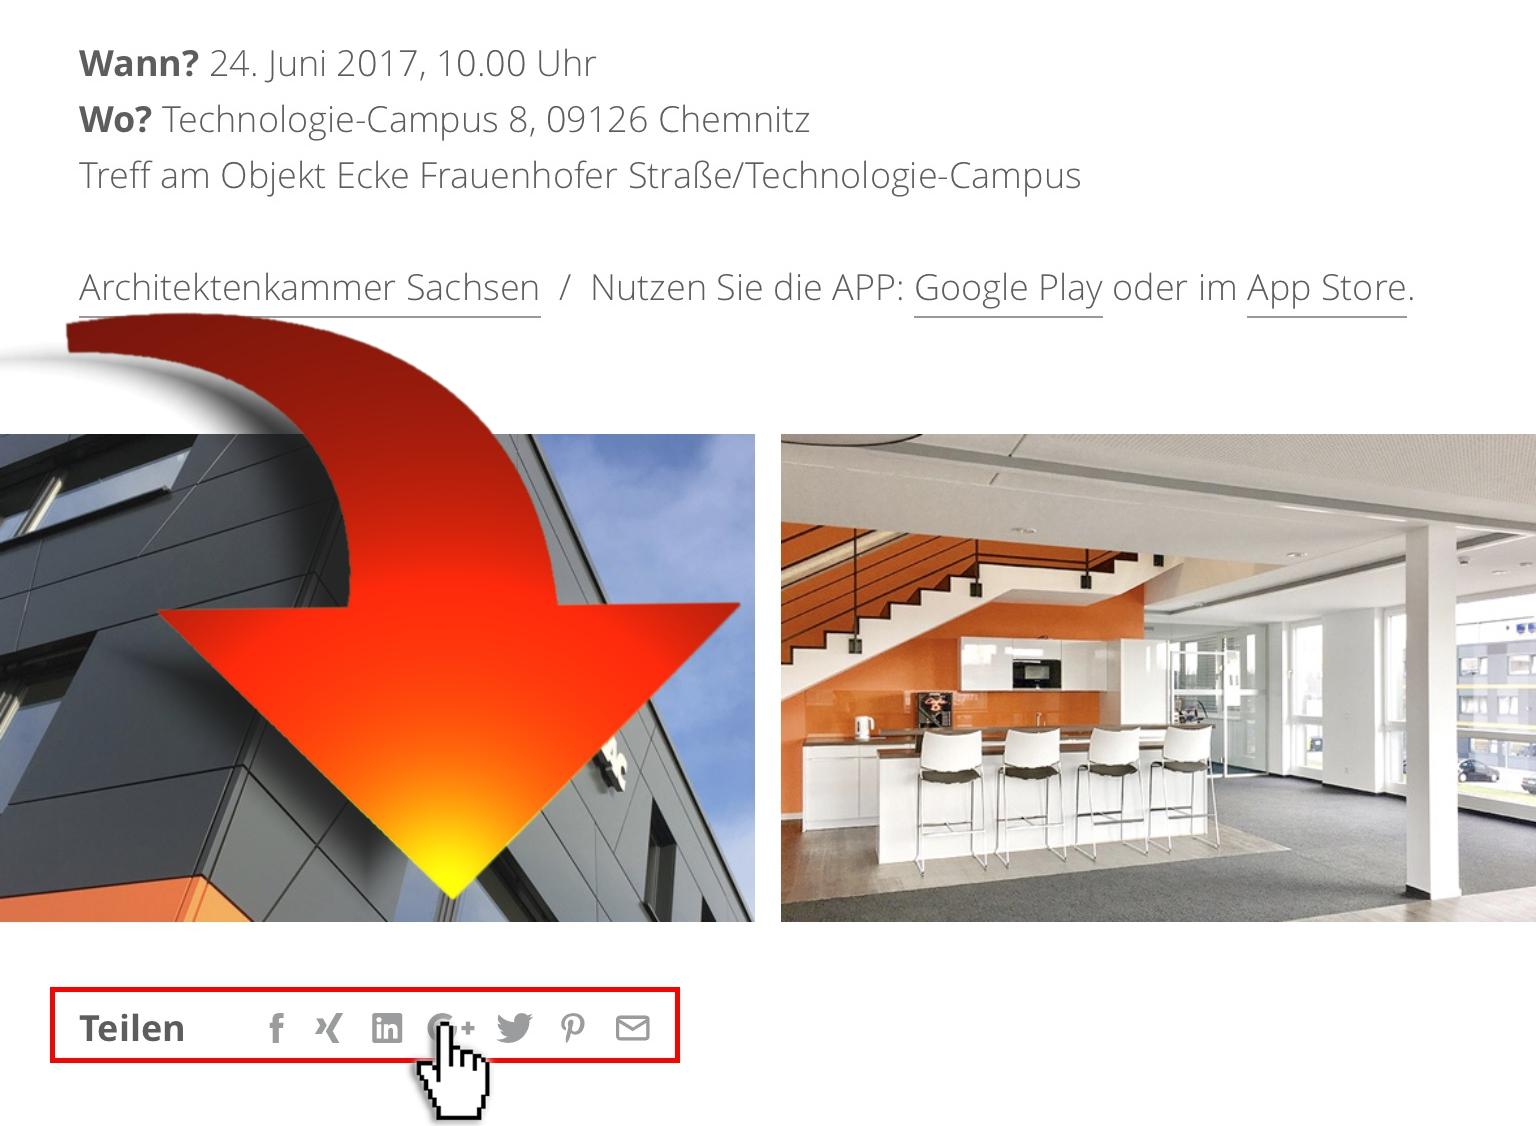 www.bps-architektur.de - weitersagen leicht gemacht